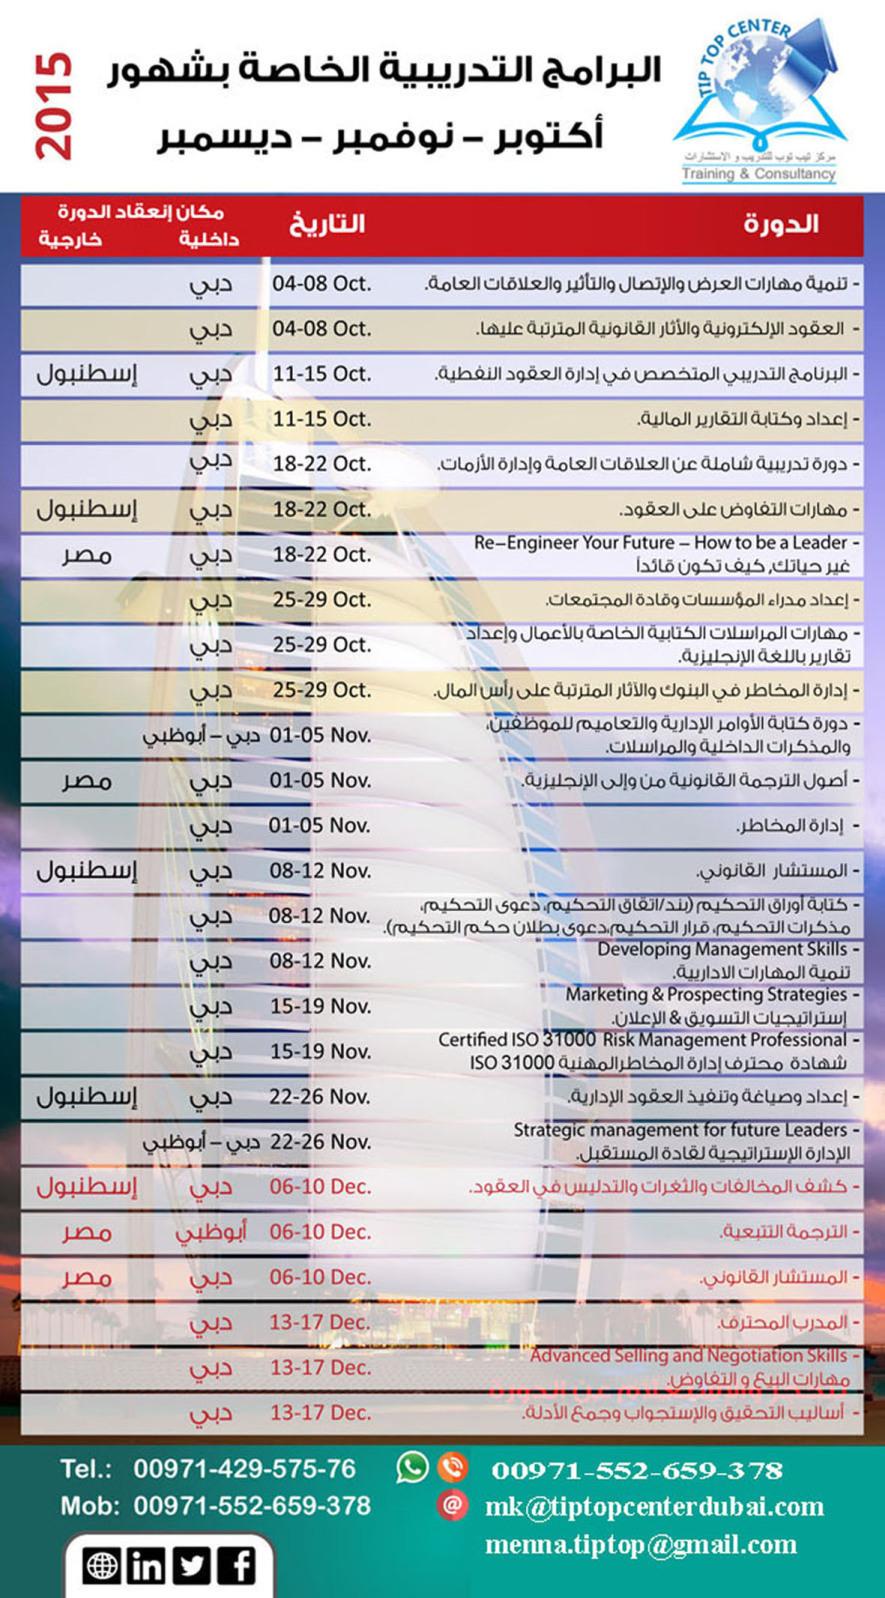 البرنامج التدريبي أكتوبر - نوفمبر - ديسمبر 2015 2l8b67r